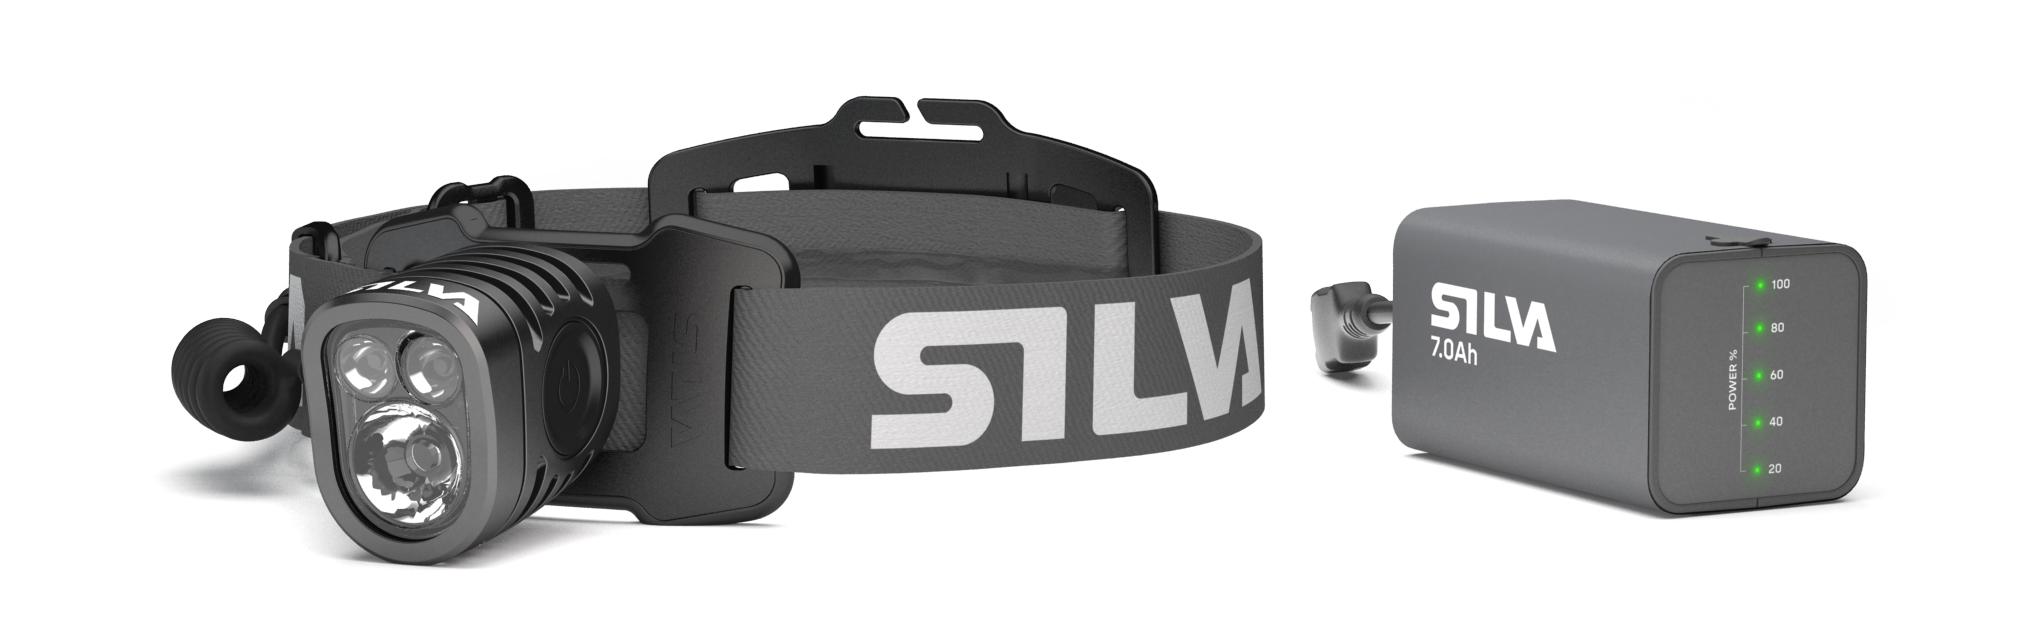 silva-trail-speed-4xt